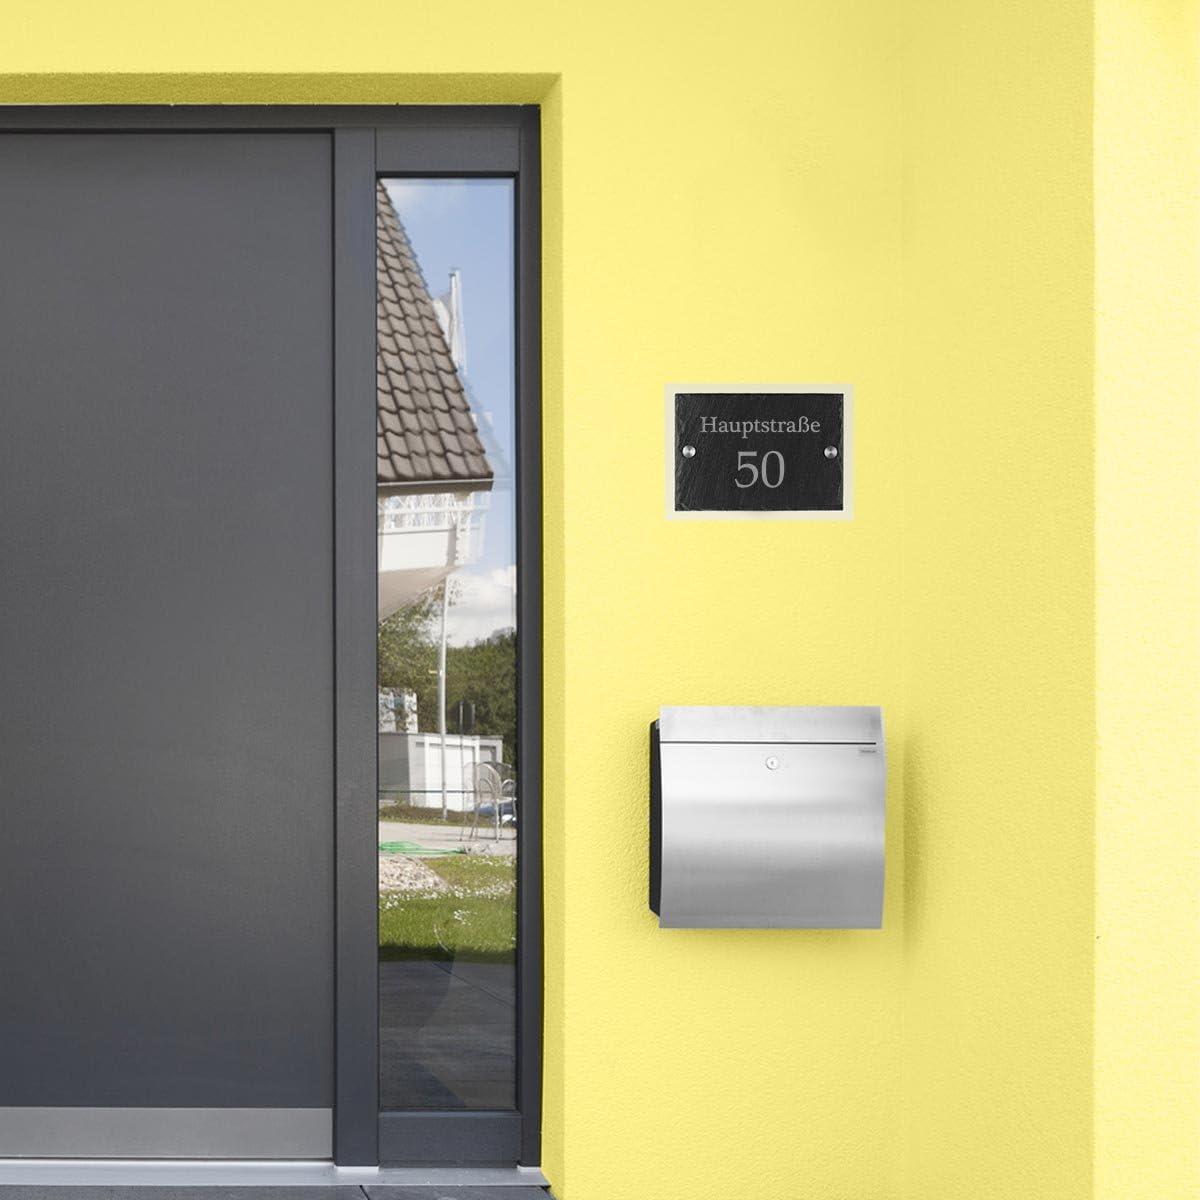 polar-effekt Hausnummerschild Personalisiert Geschenk zum Einzug T/ürschild Schieferplatte mit Gravur Motiv Familienname mit Stra/ße und Hausnummer Schiefertafel Acrylglas